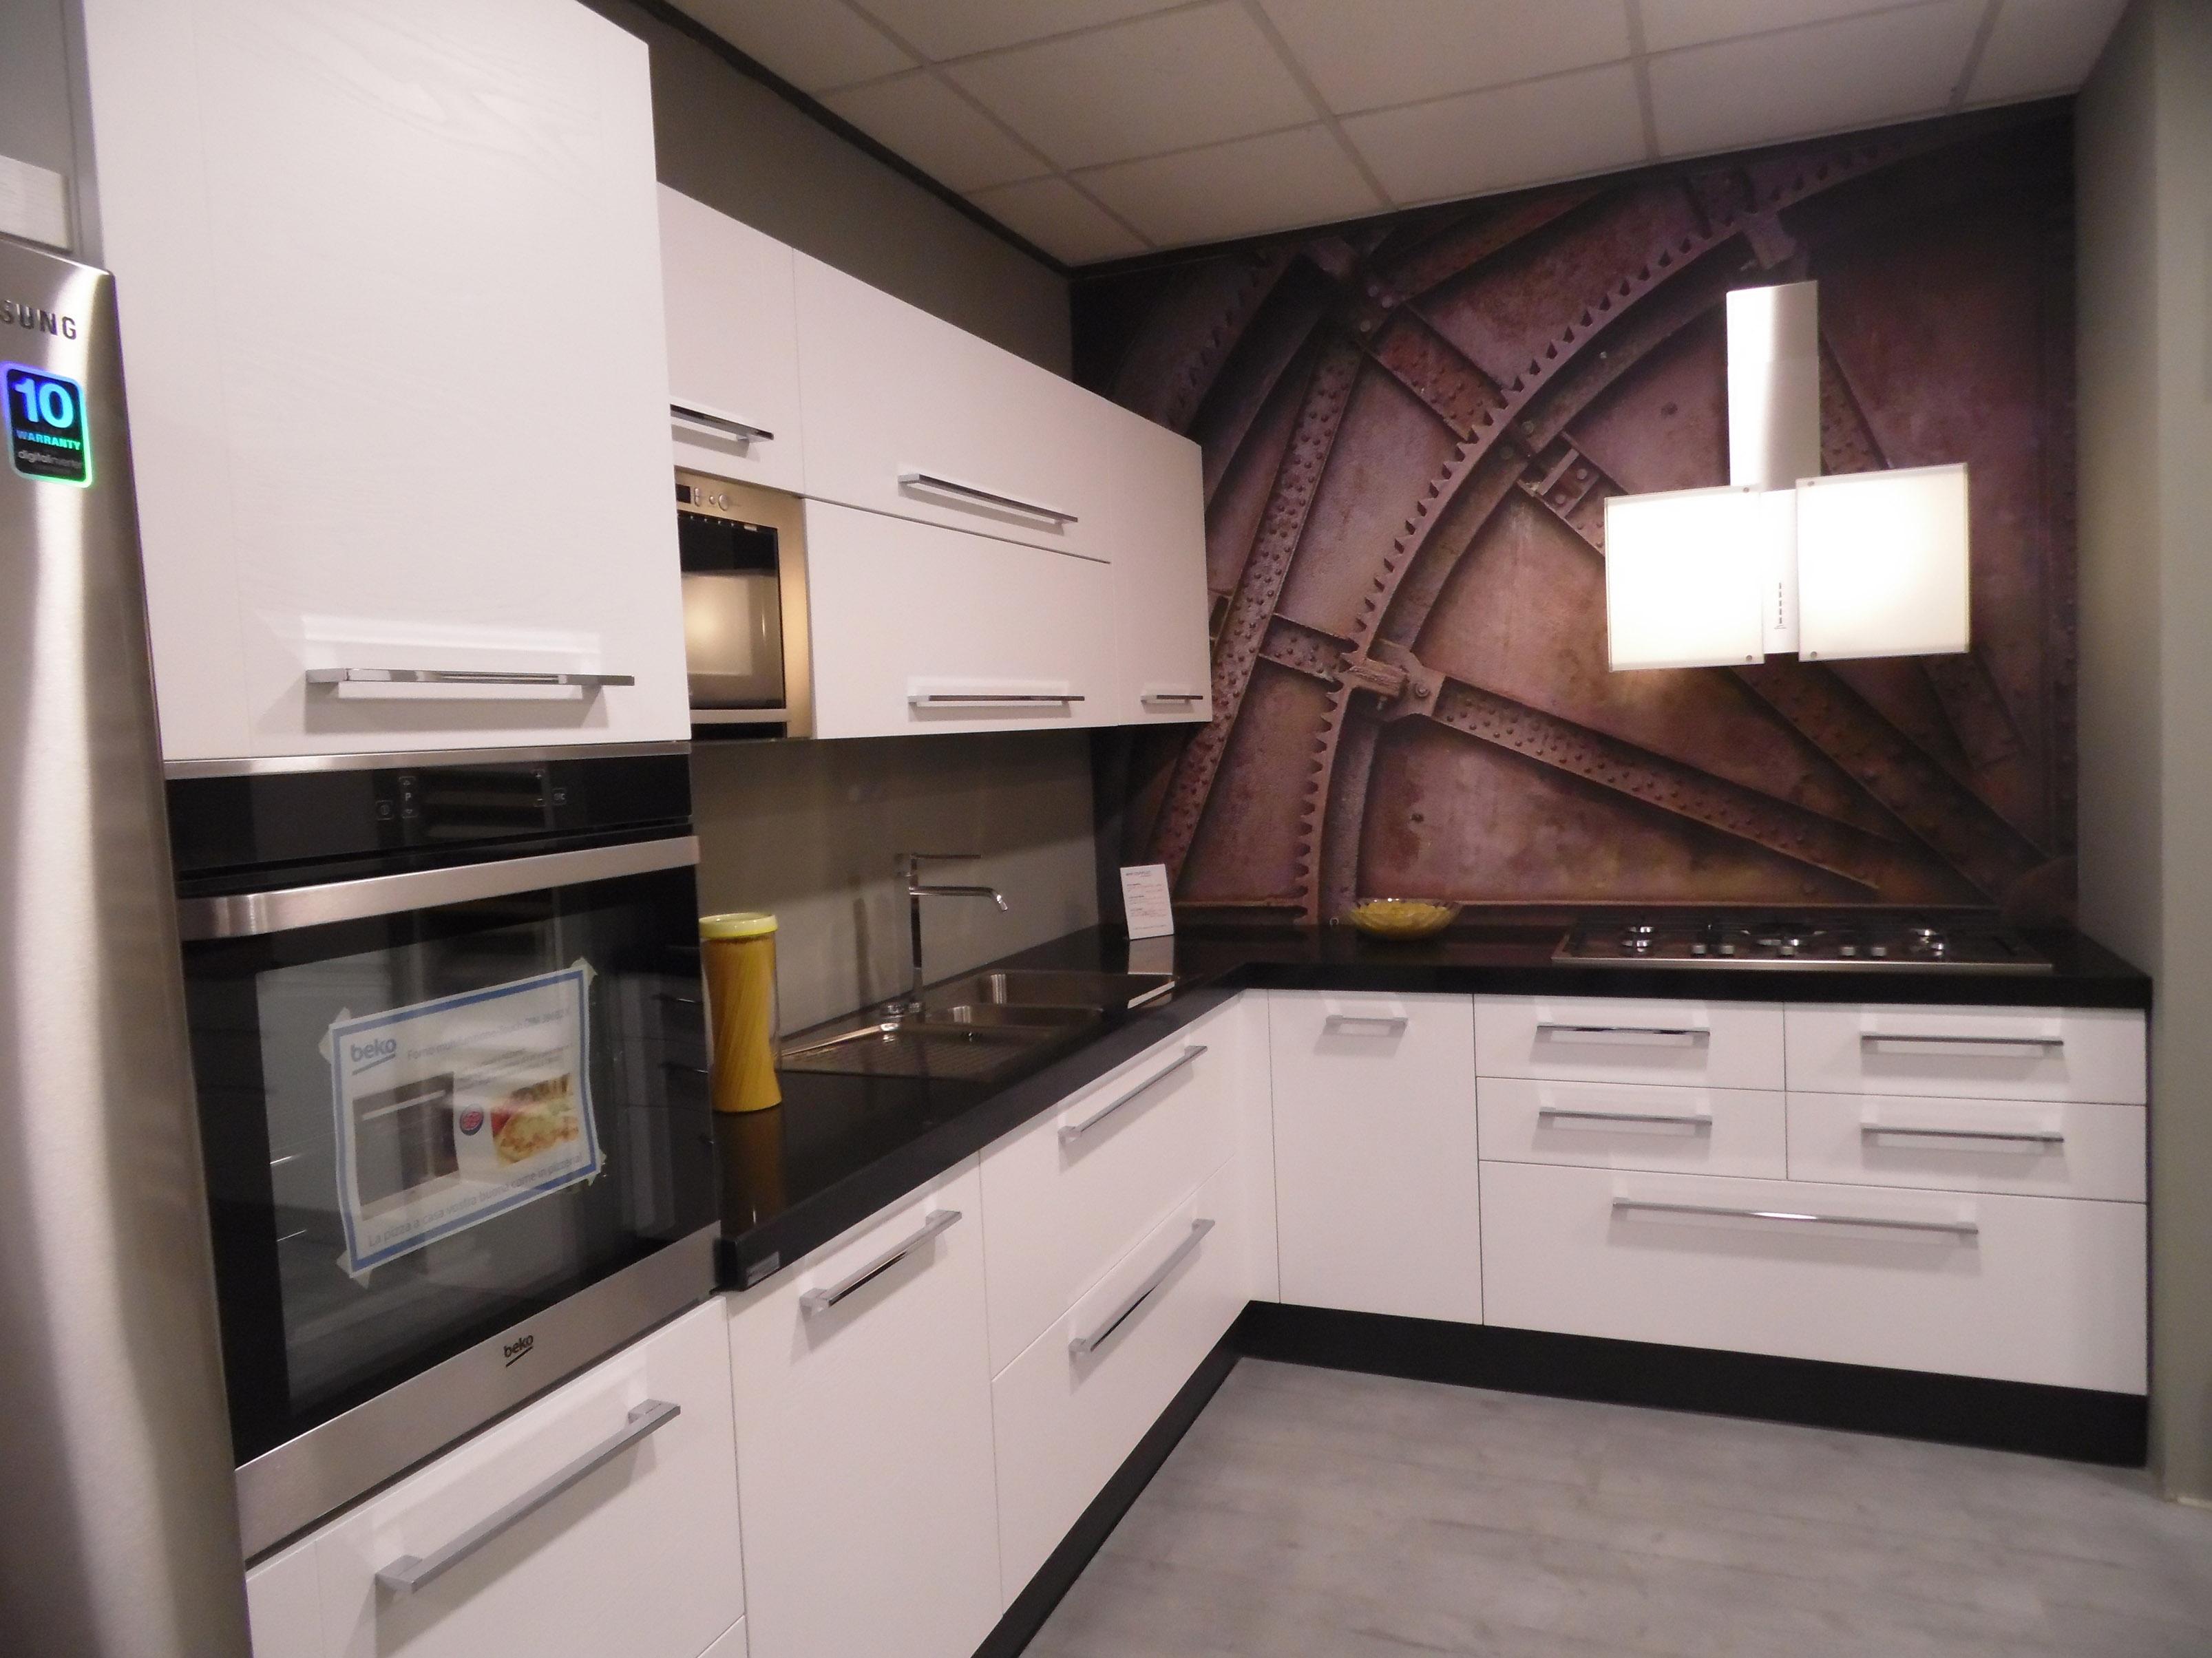 Cucina astra dada frassino poro aperto bianco sconto 71 cucine a prezzi scontati - Dada cucine prezzi ...